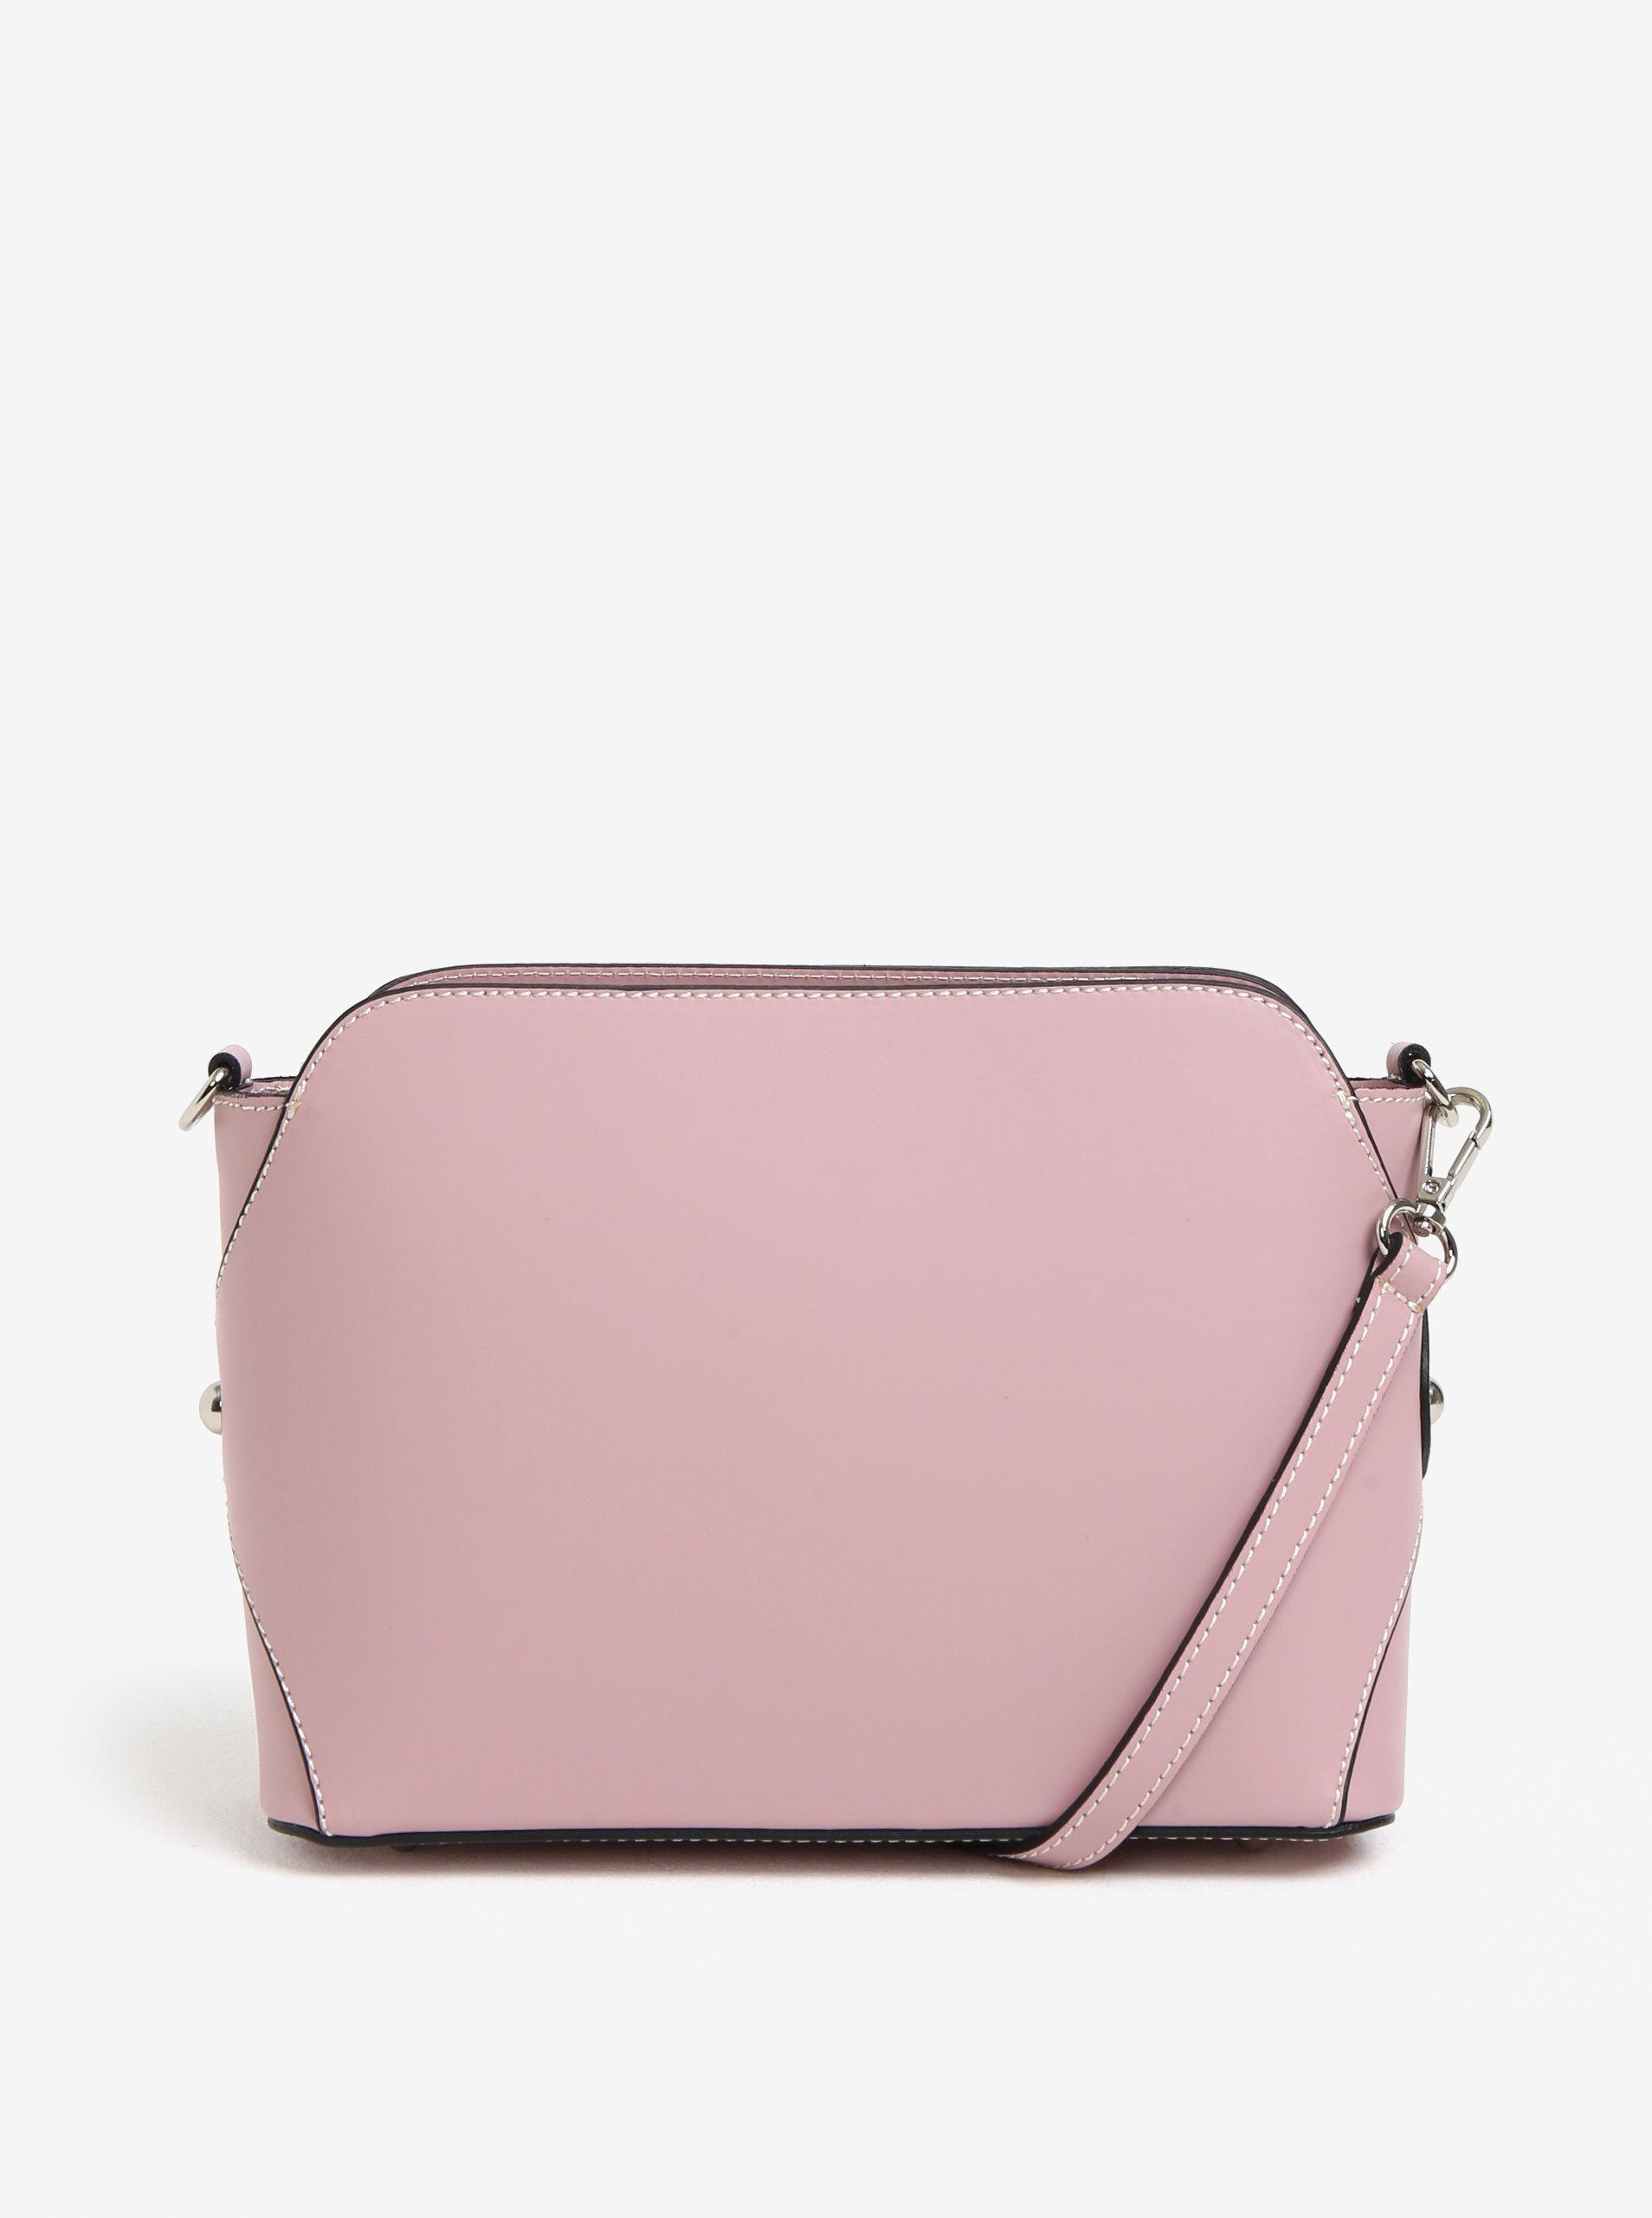 Ružová dámska kožená crossbody kabelka KARA ... 9b616bca3a3